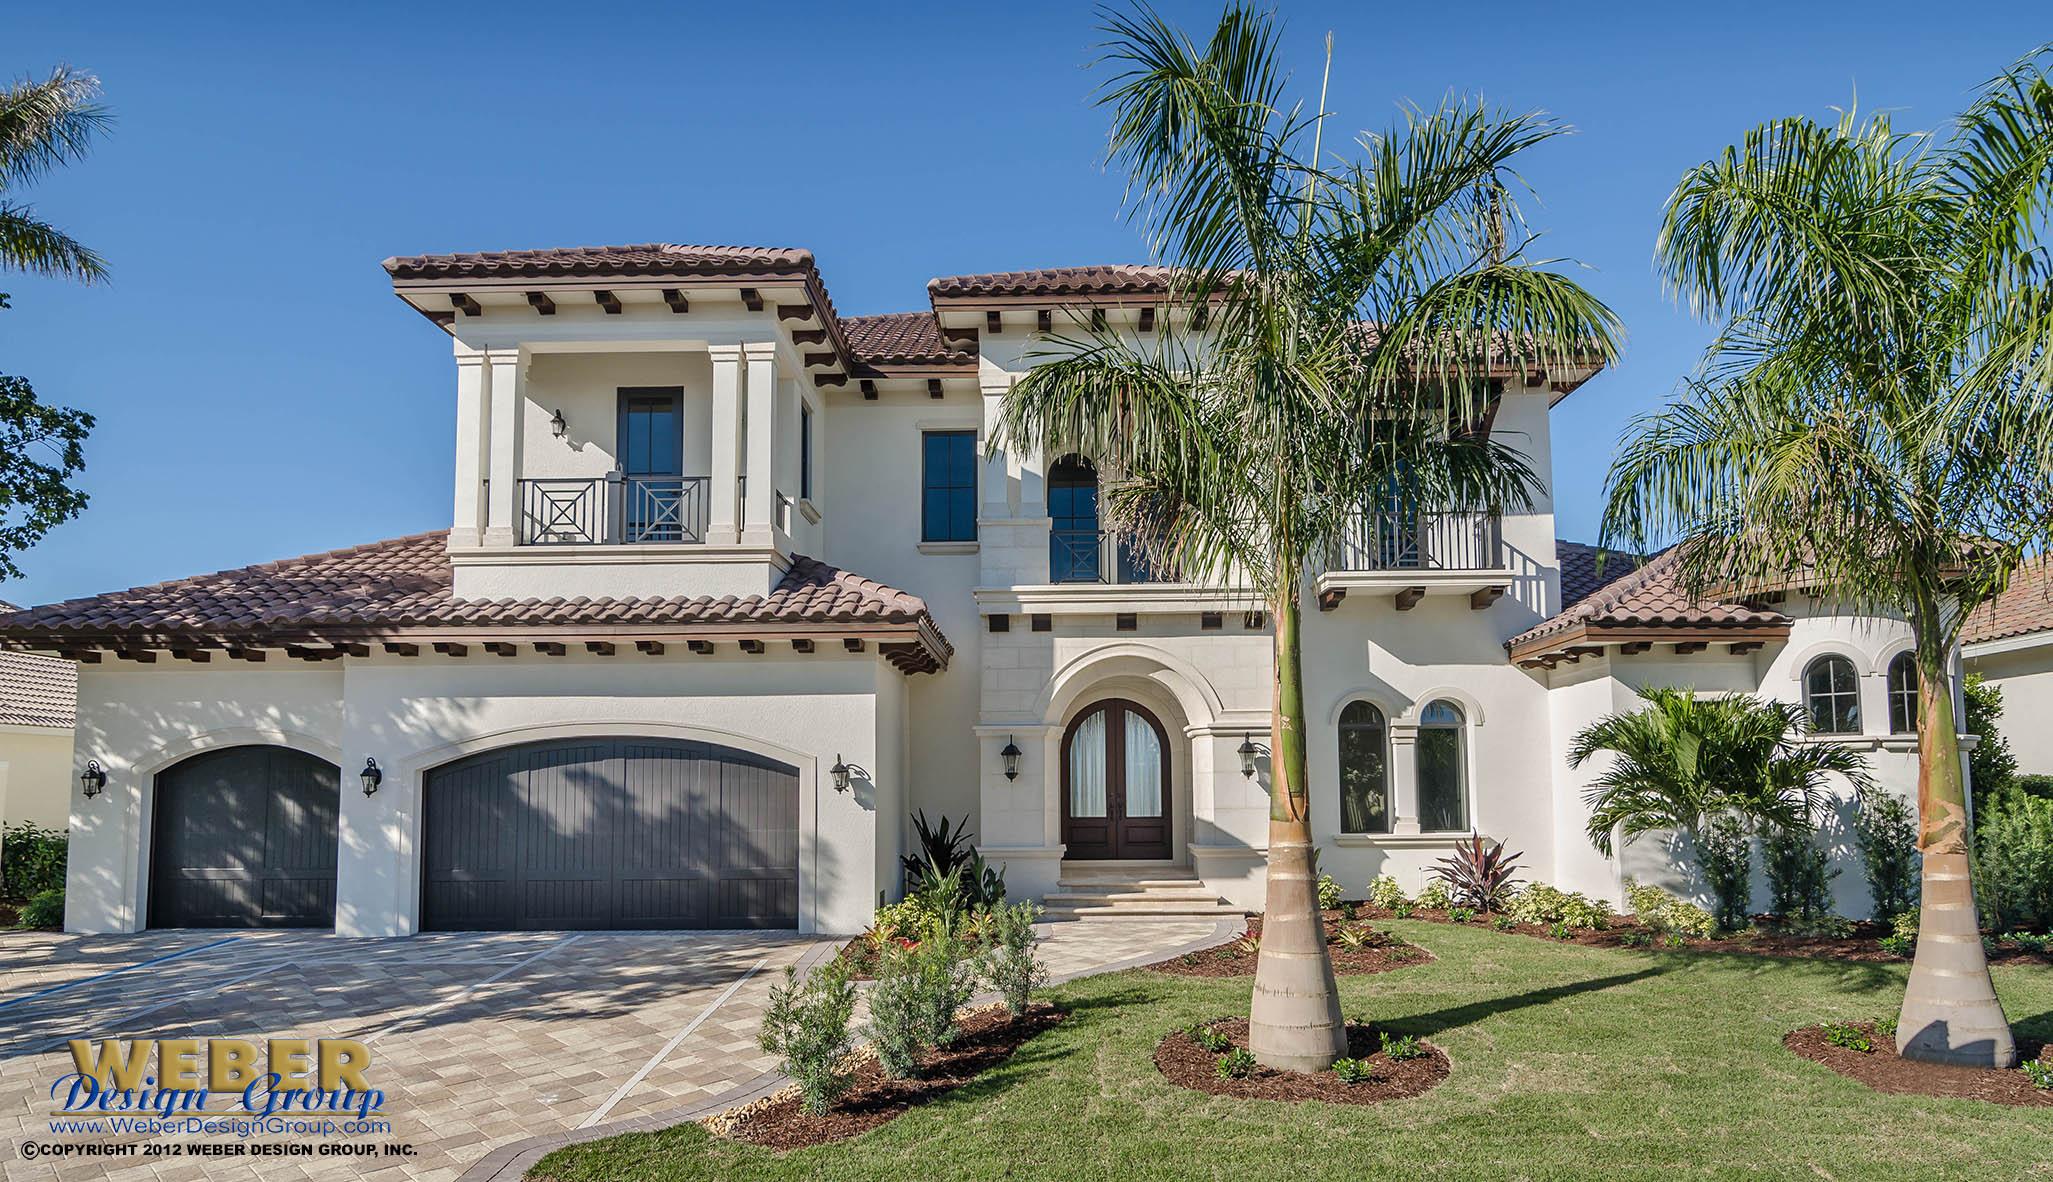 Fullsize Of Mediterranean House Plans